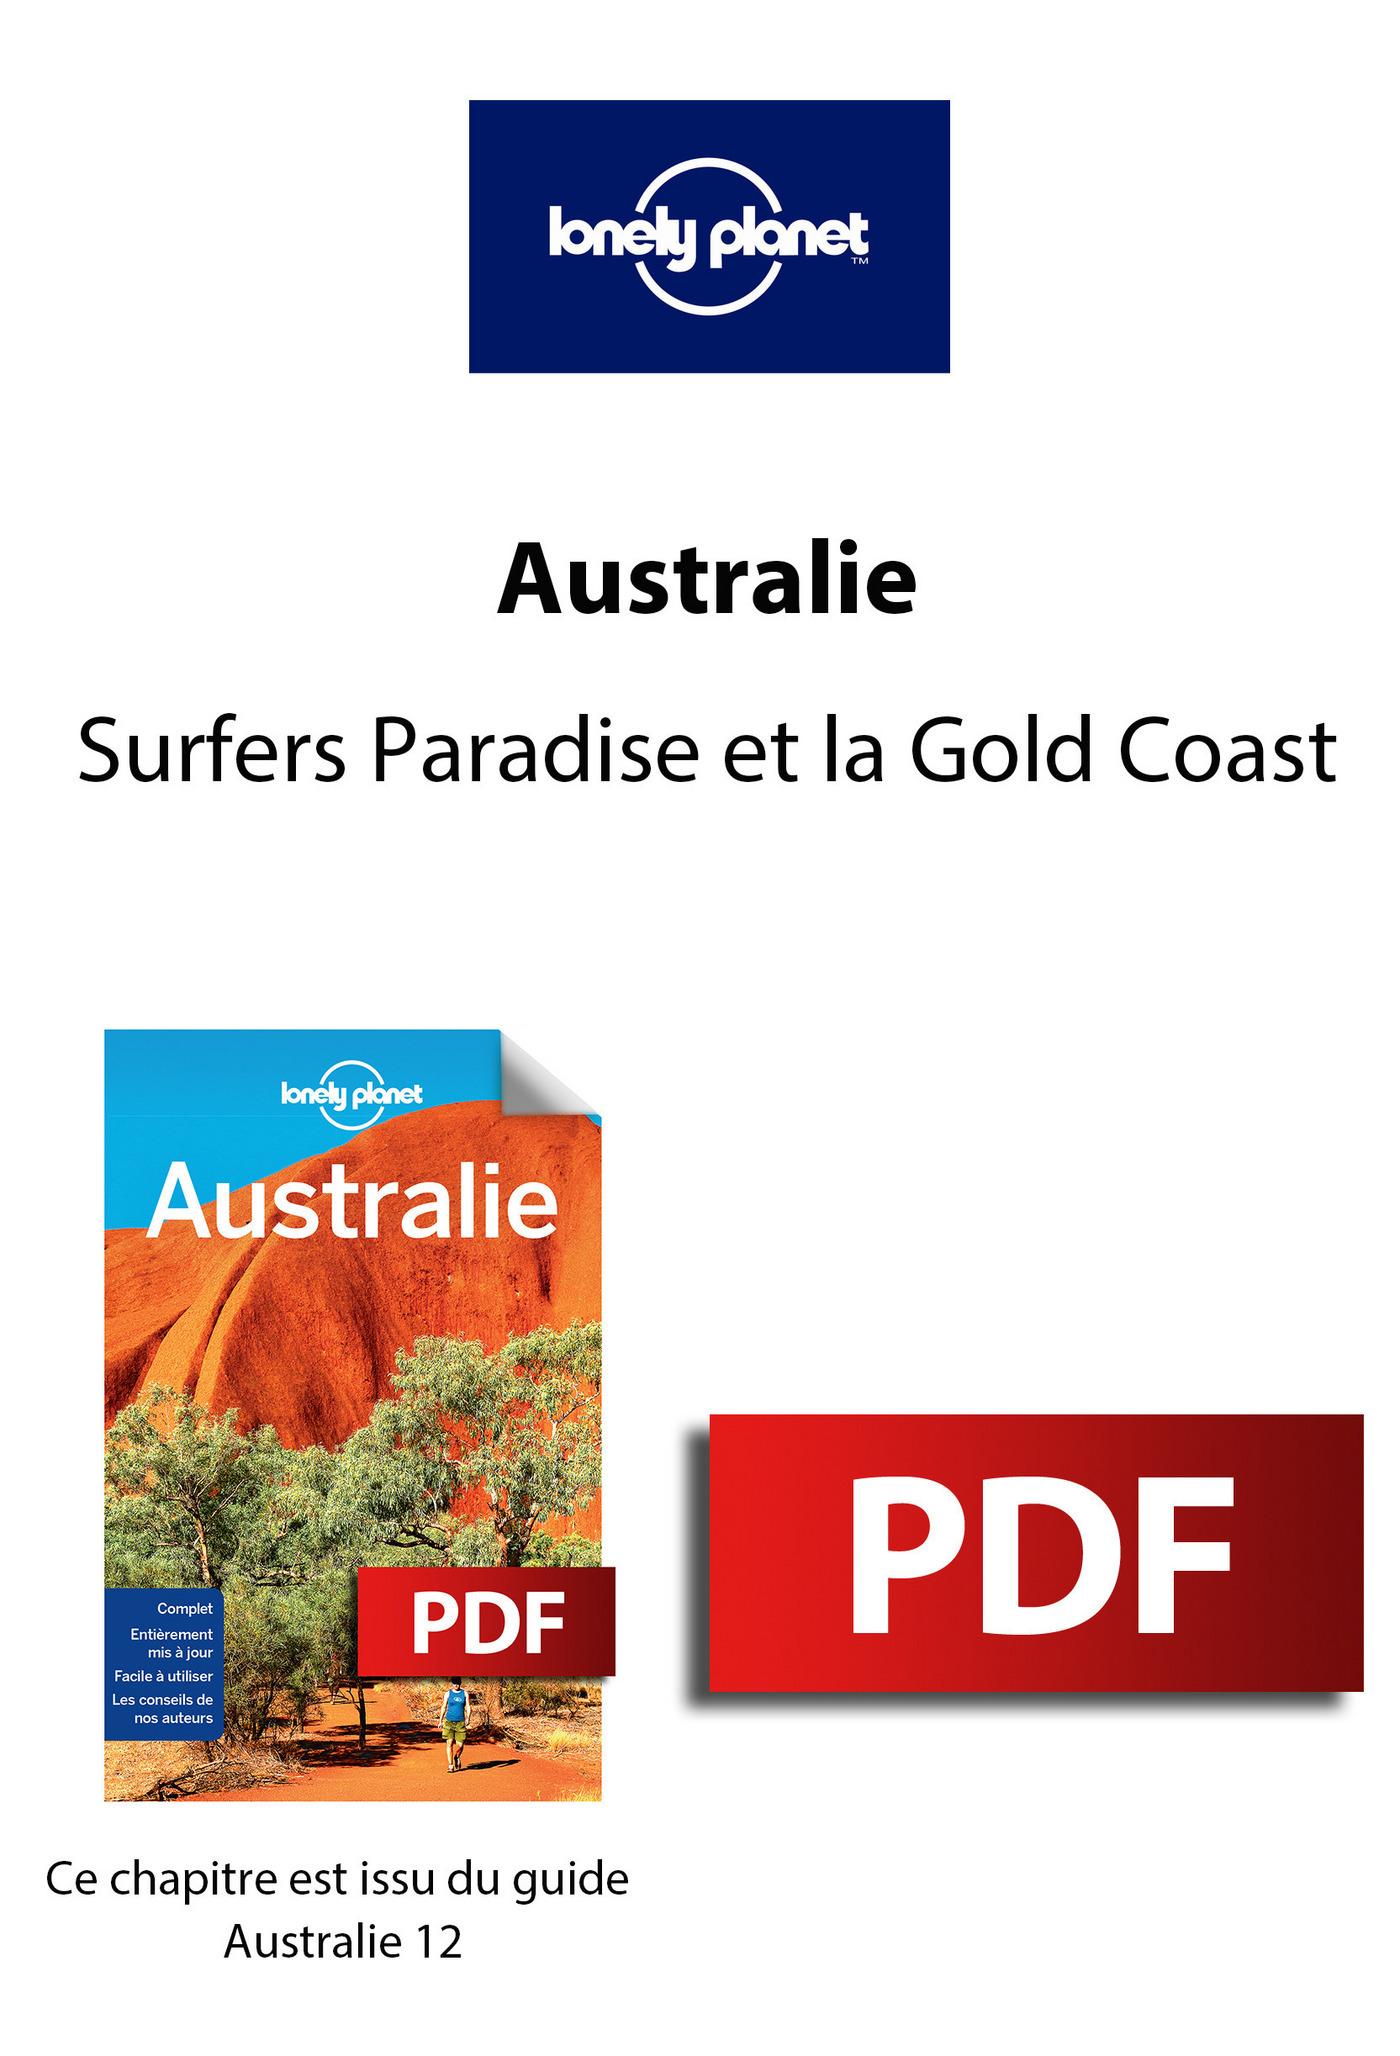 Australie - Surfers Paradise et la Gold Coast